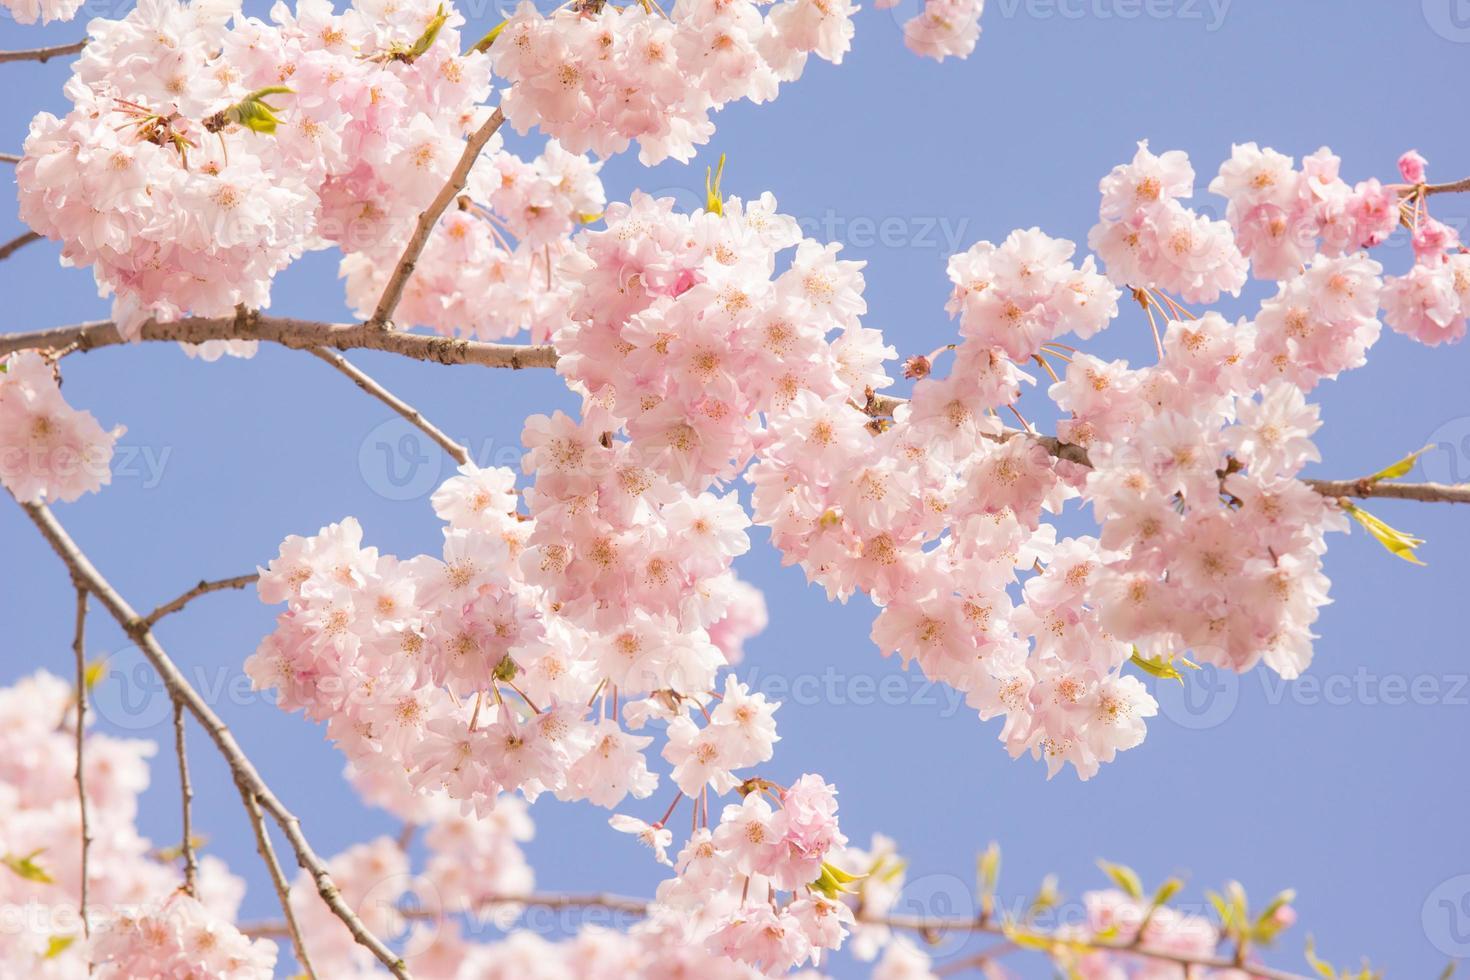 doppi fiori di ciliegio foto